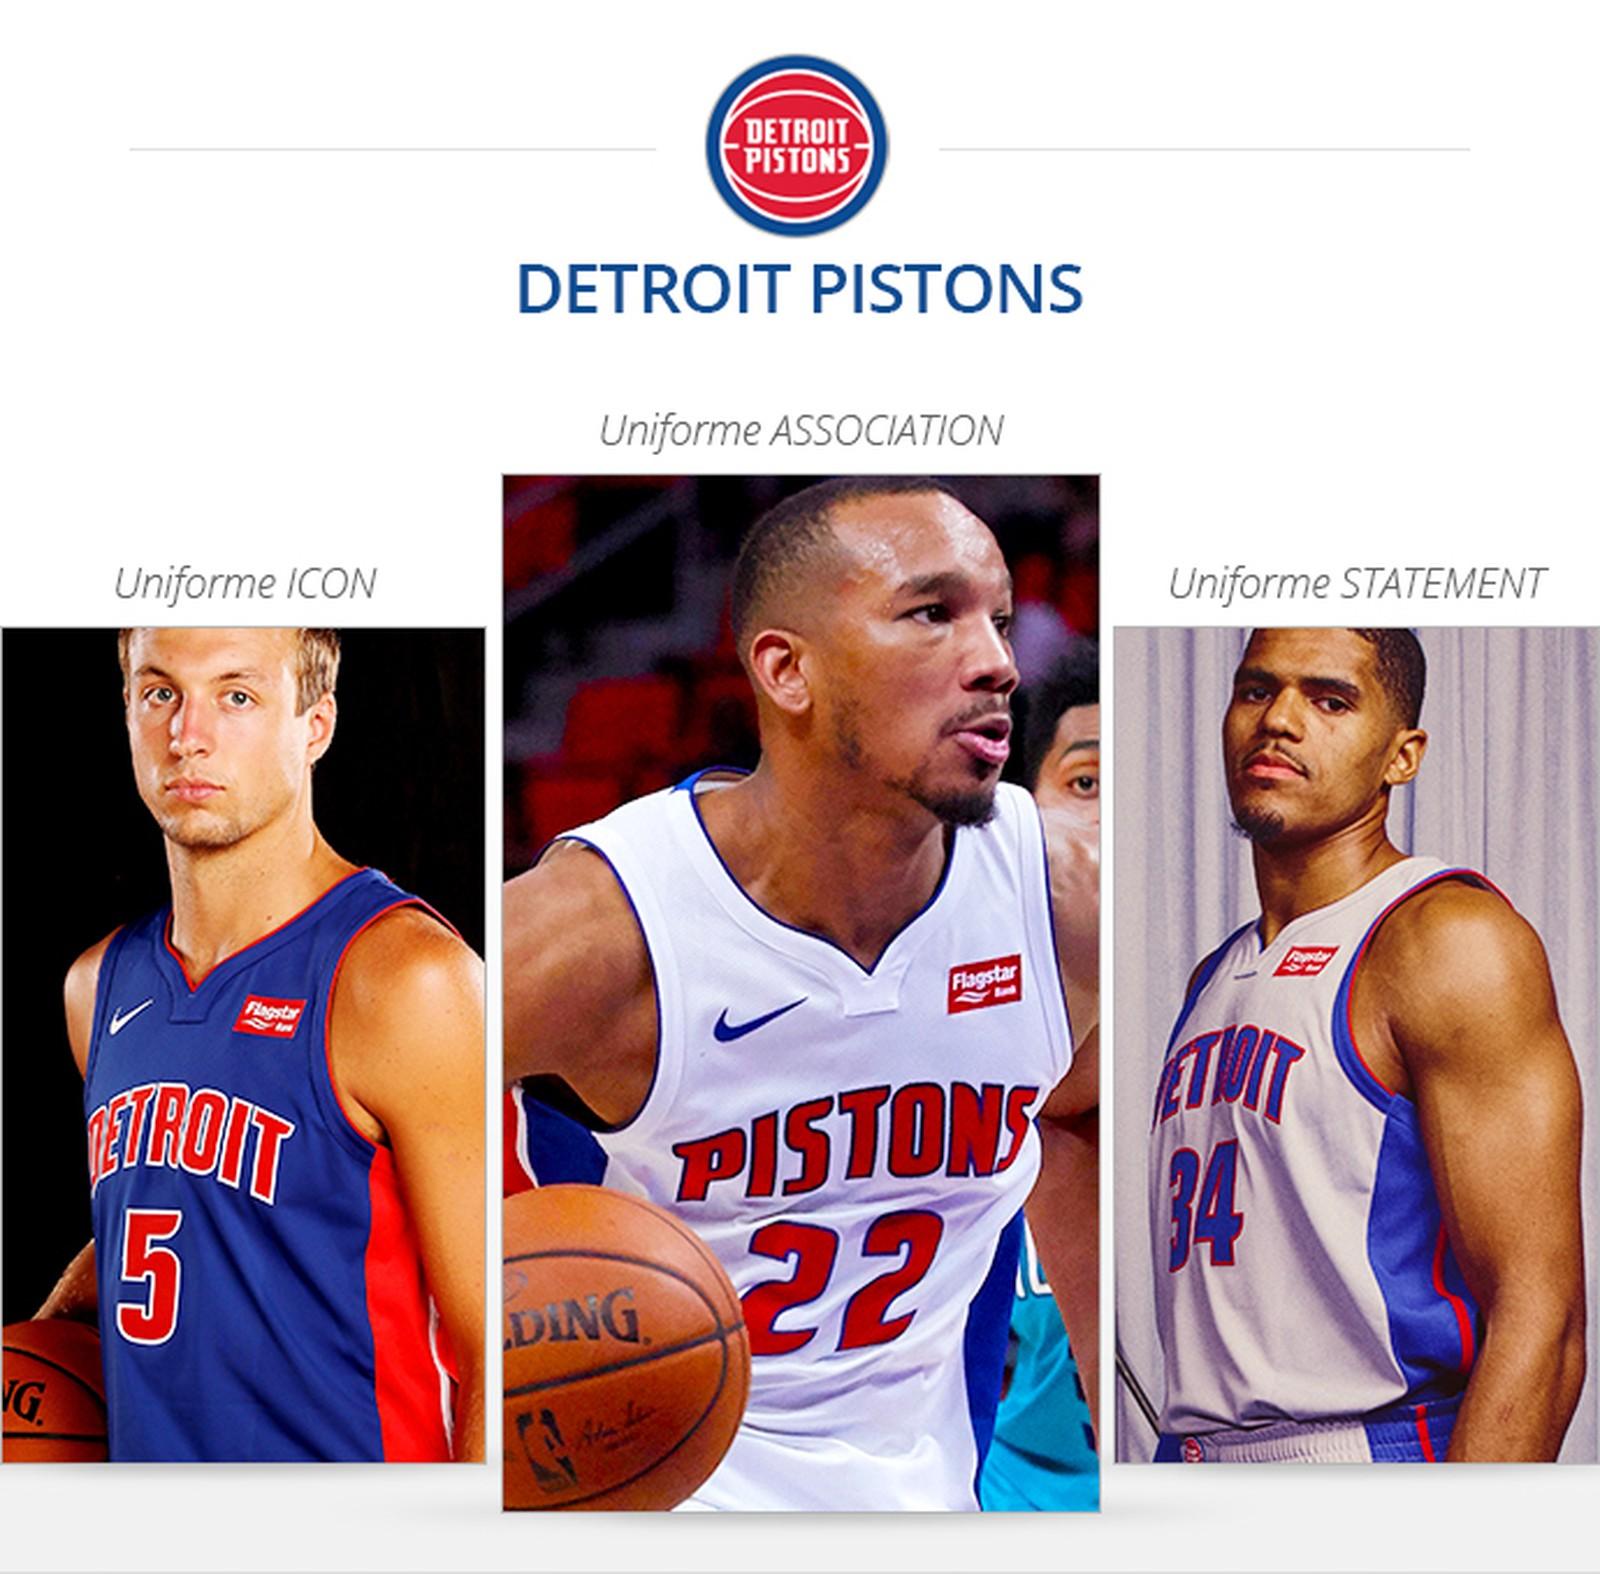 Uniformes Detroit Pistons saison 2017/18